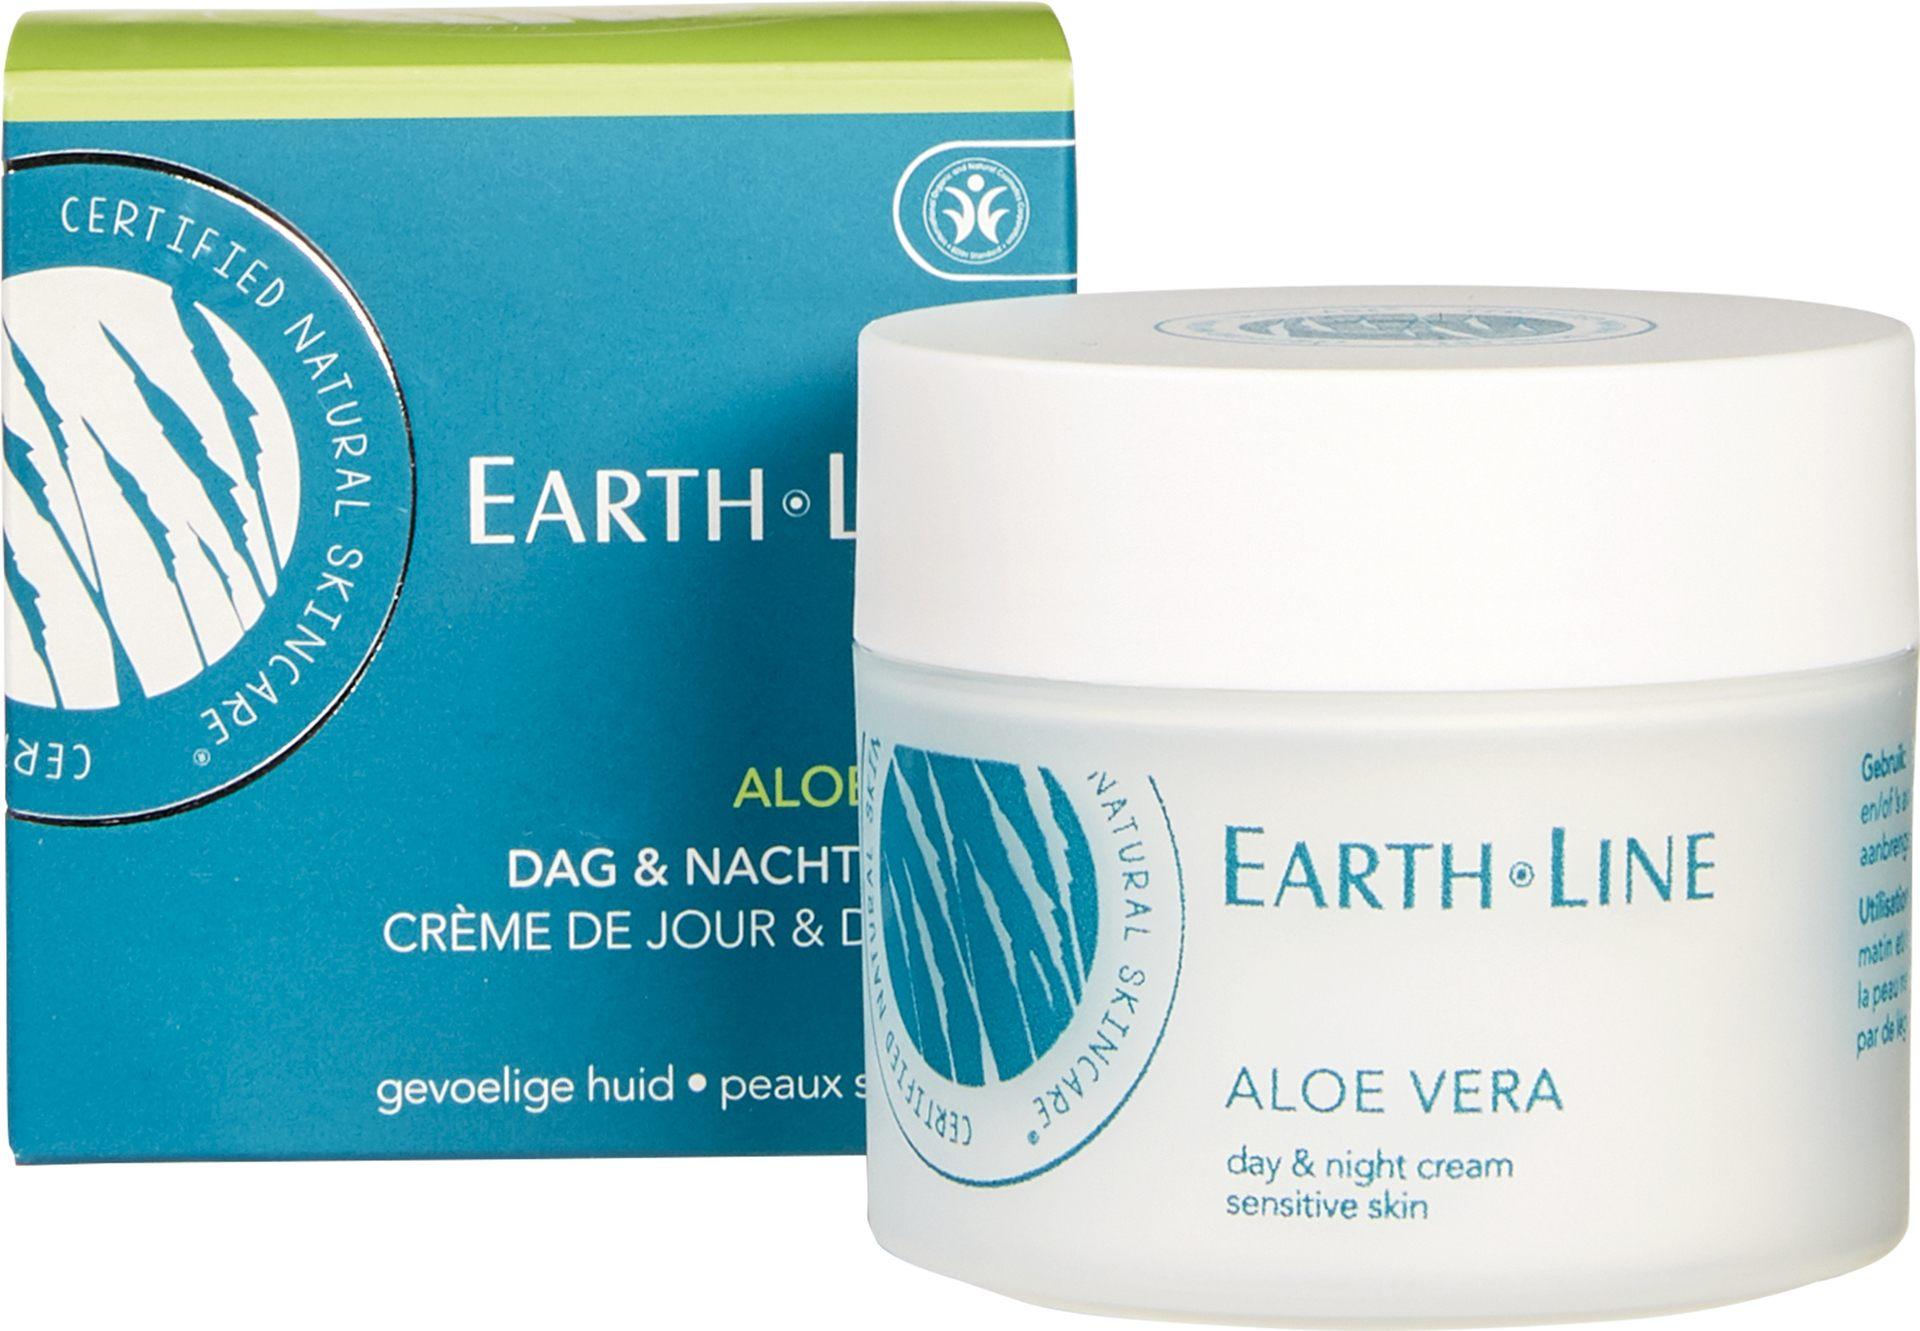 Biologische Earth.Line Dag- en nachtcrème aloë vera - gevoelige huid 50 ml